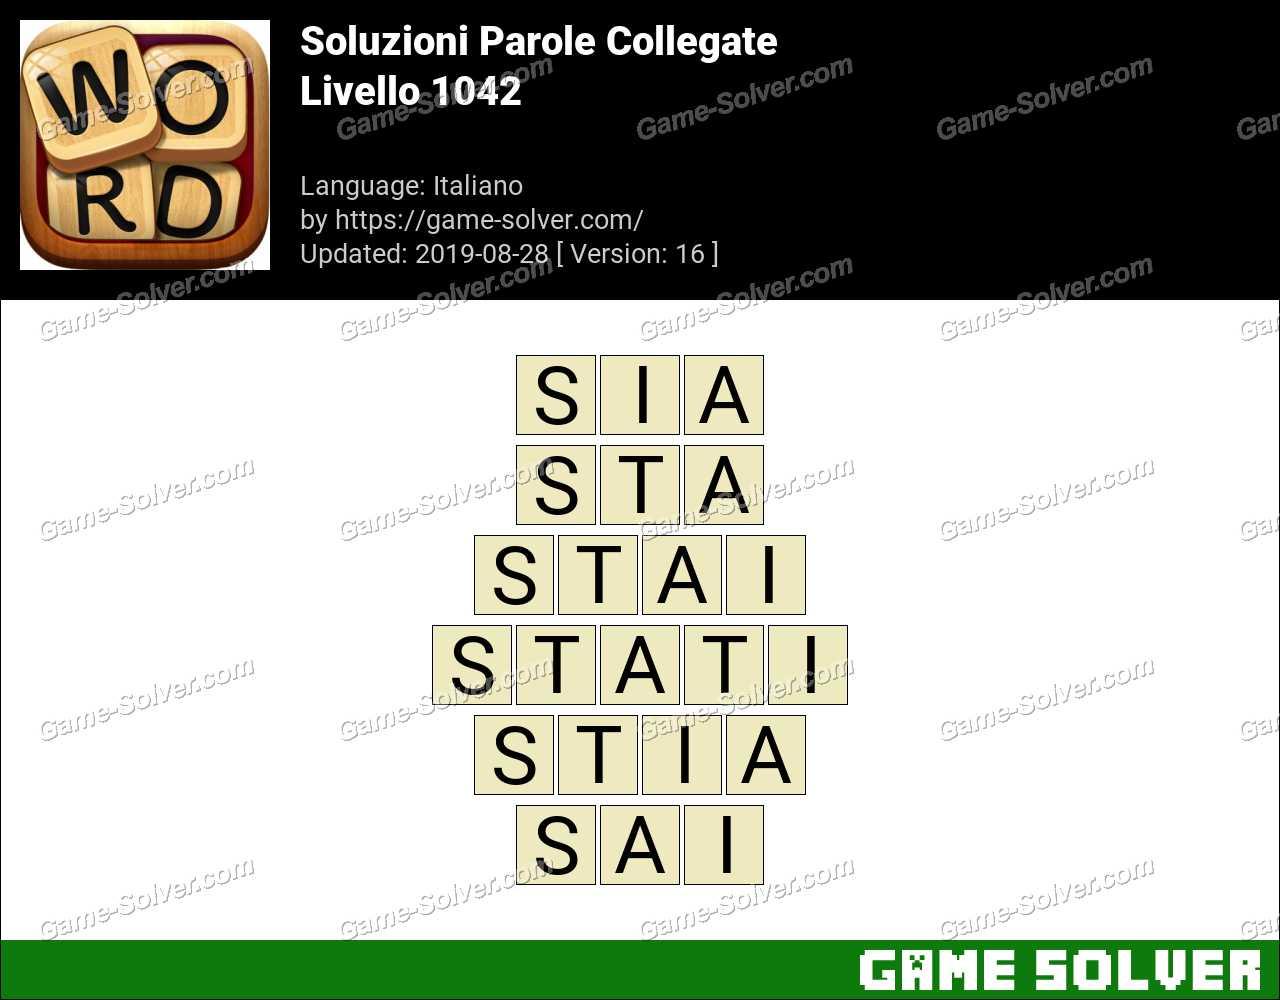 Soluzioni Parole Collegate Livello 1042